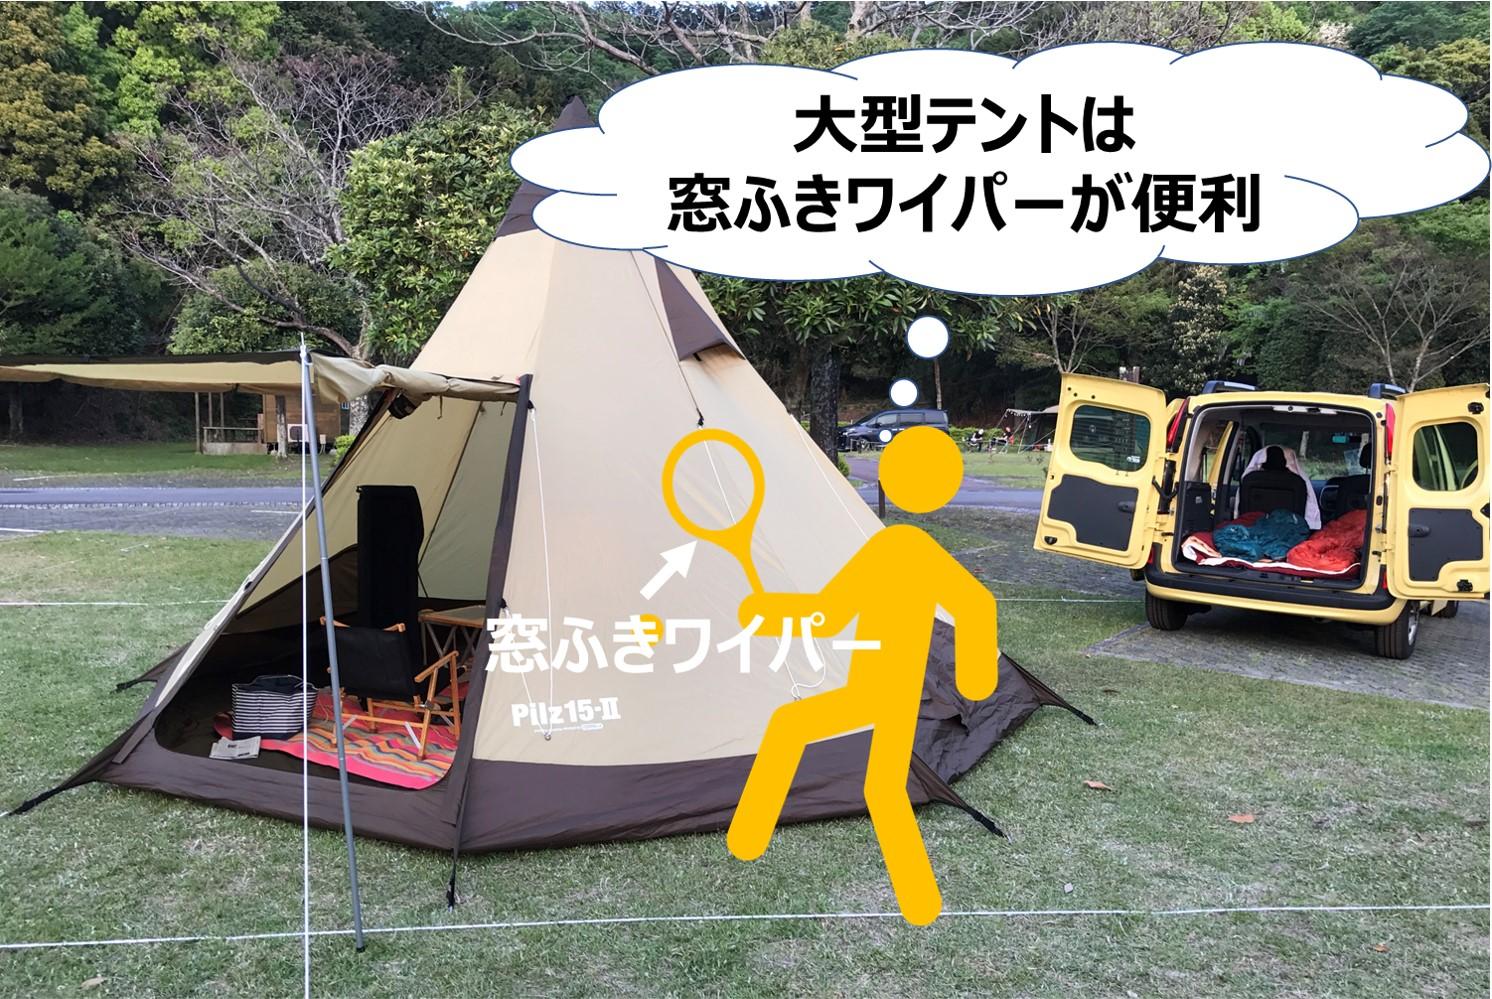 大型テントには窓ふきワイパーが便利